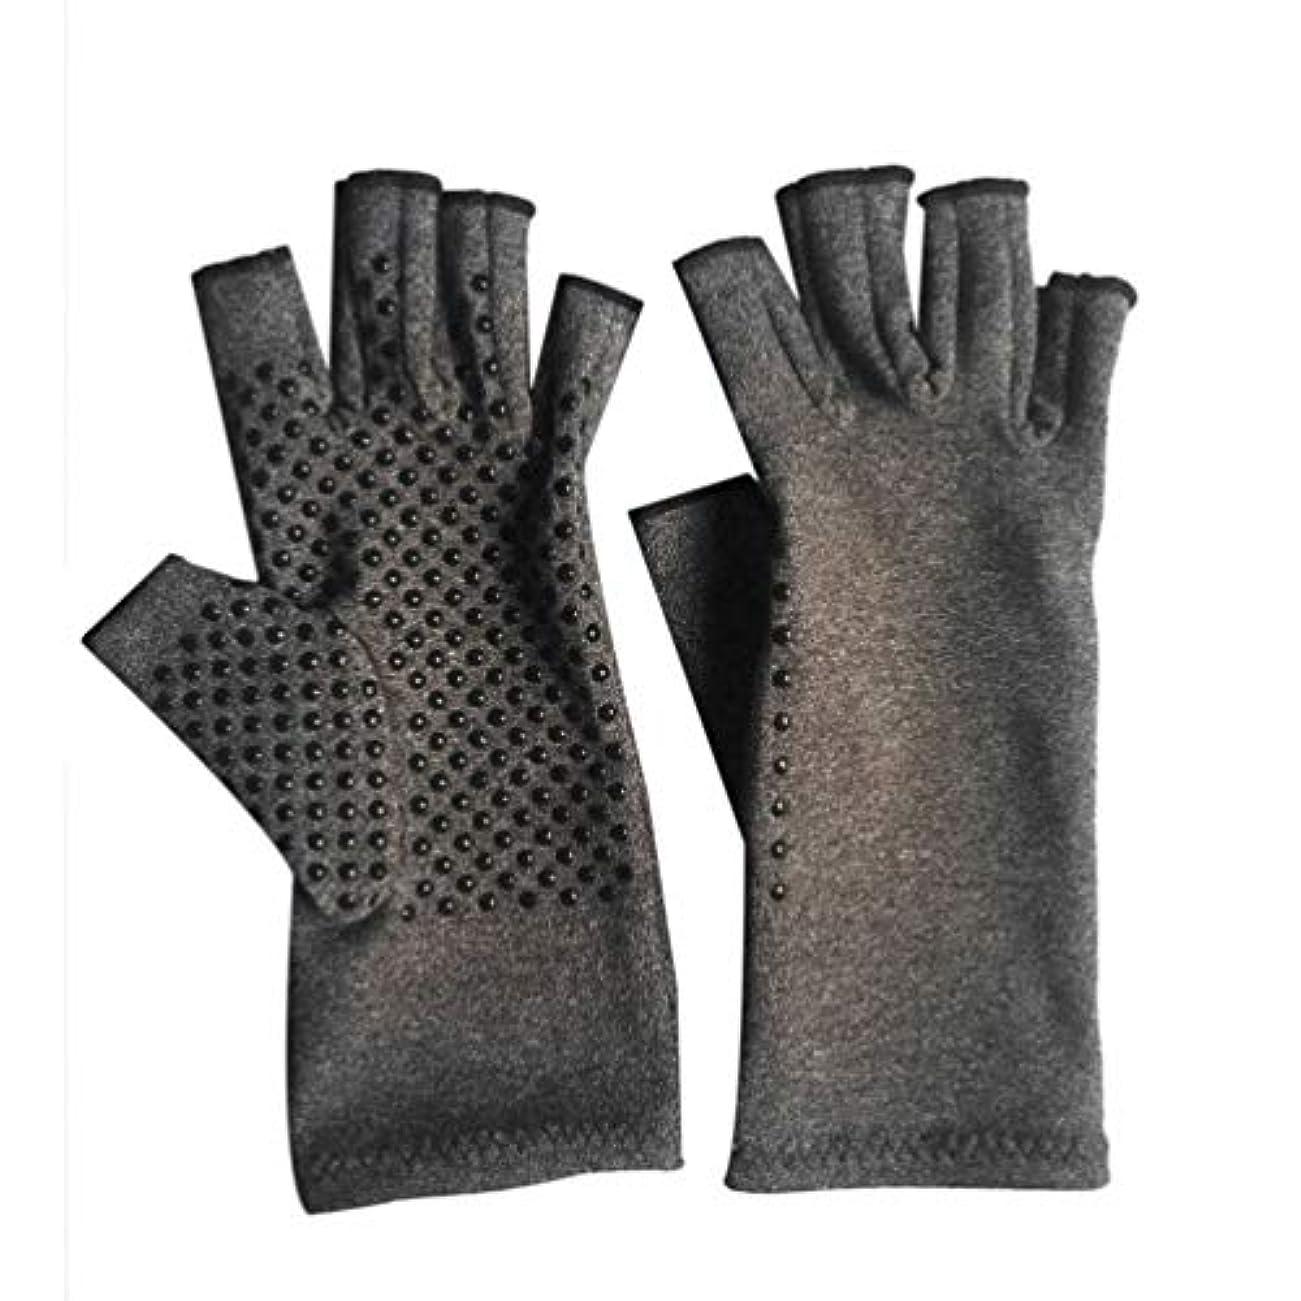 並外れて収穫ドキュメンタリー1ペアユニセックス男性女性療法圧縮手袋関節炎関節痛緩和ヘルスケア半指手袋トレーニング手袋 - グレーM